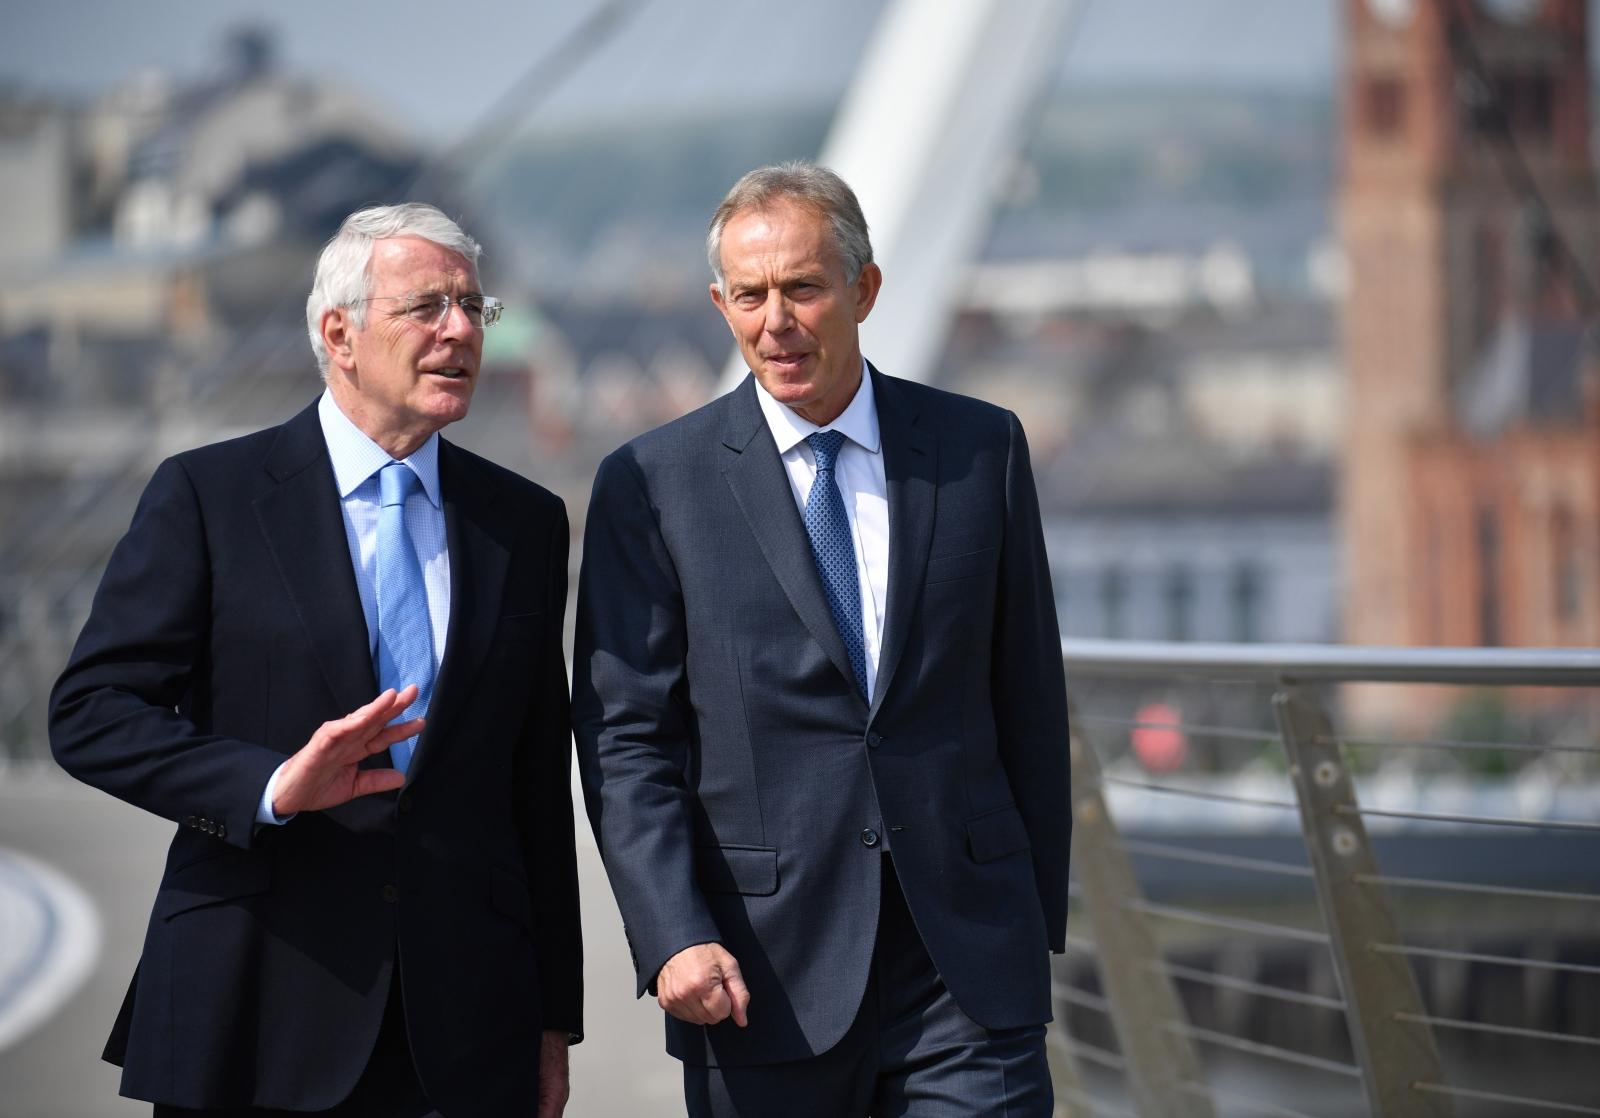 John Major and Tony Blair